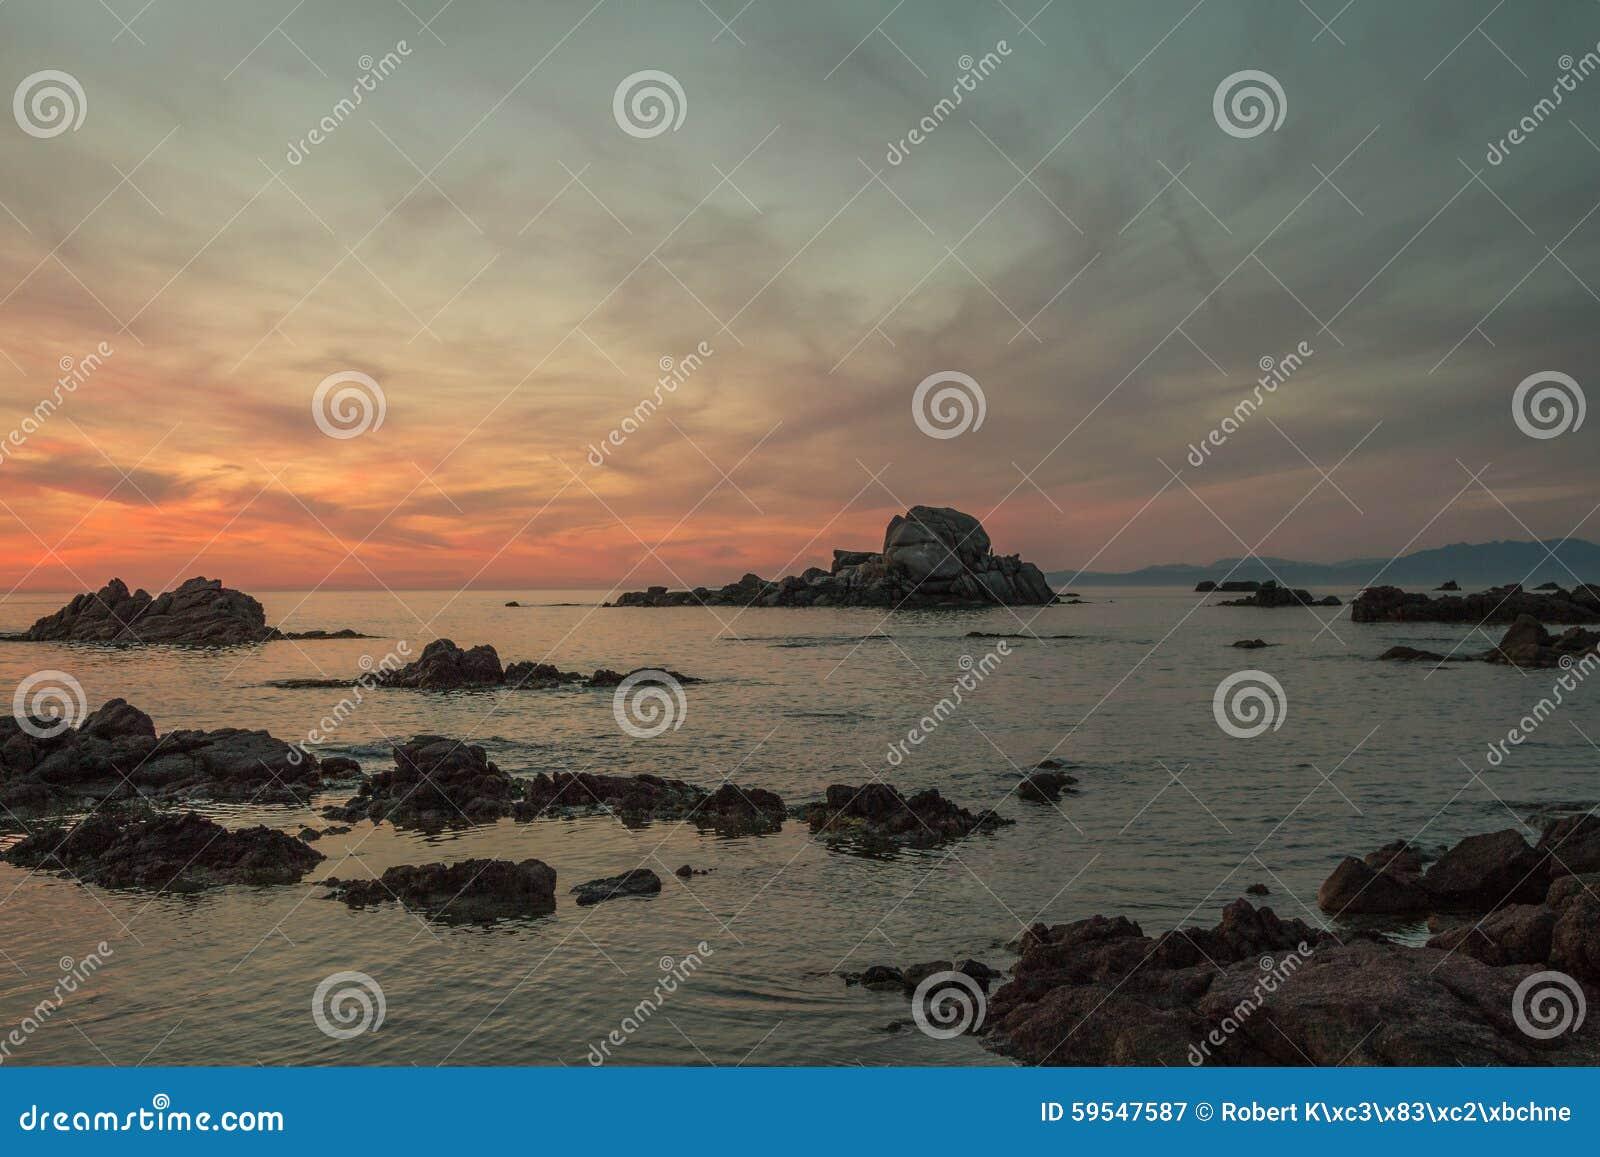 Tramonto romantico alla spiaggia della sardegna foto stock - Alla colorazione della spiaggia ...